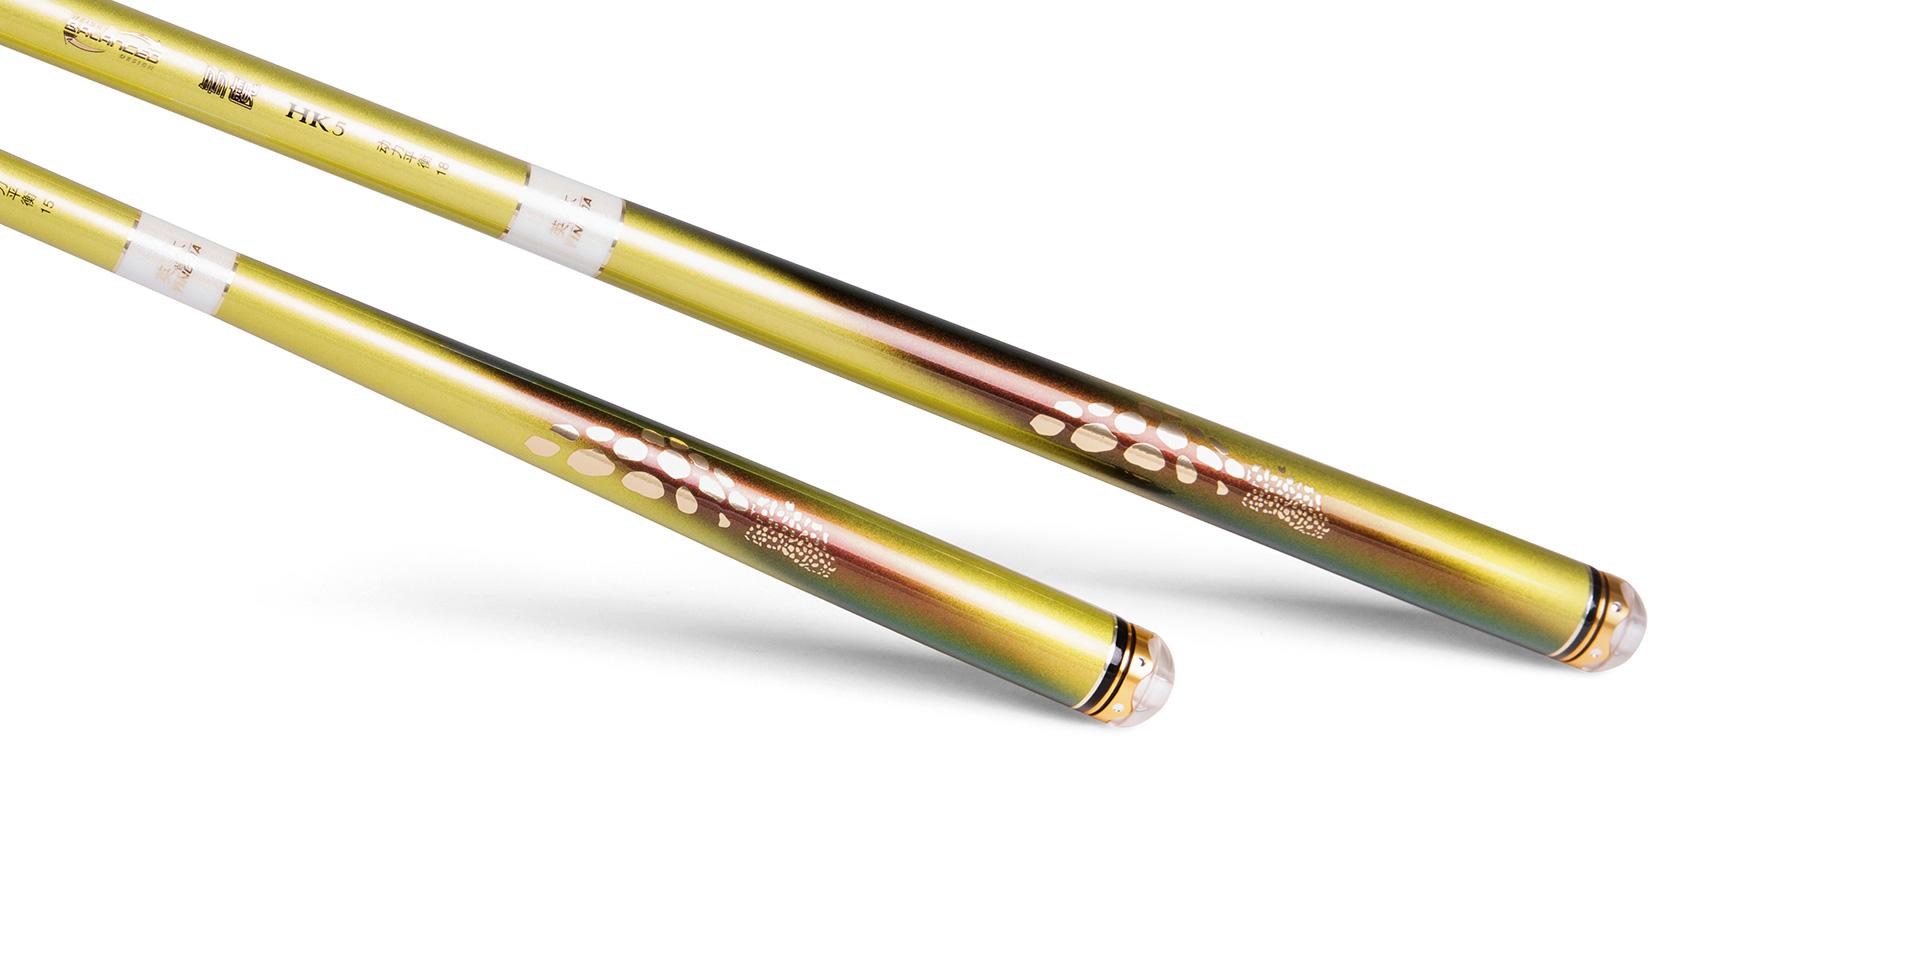 多魔・HK5的防滑式手把金色烫金滑斑点工艺,透视出传统与现代的自然韵致,握感舒适无比。与合金嵌钻工艺水晶前后堵精密嵌合,更显品质高雅。